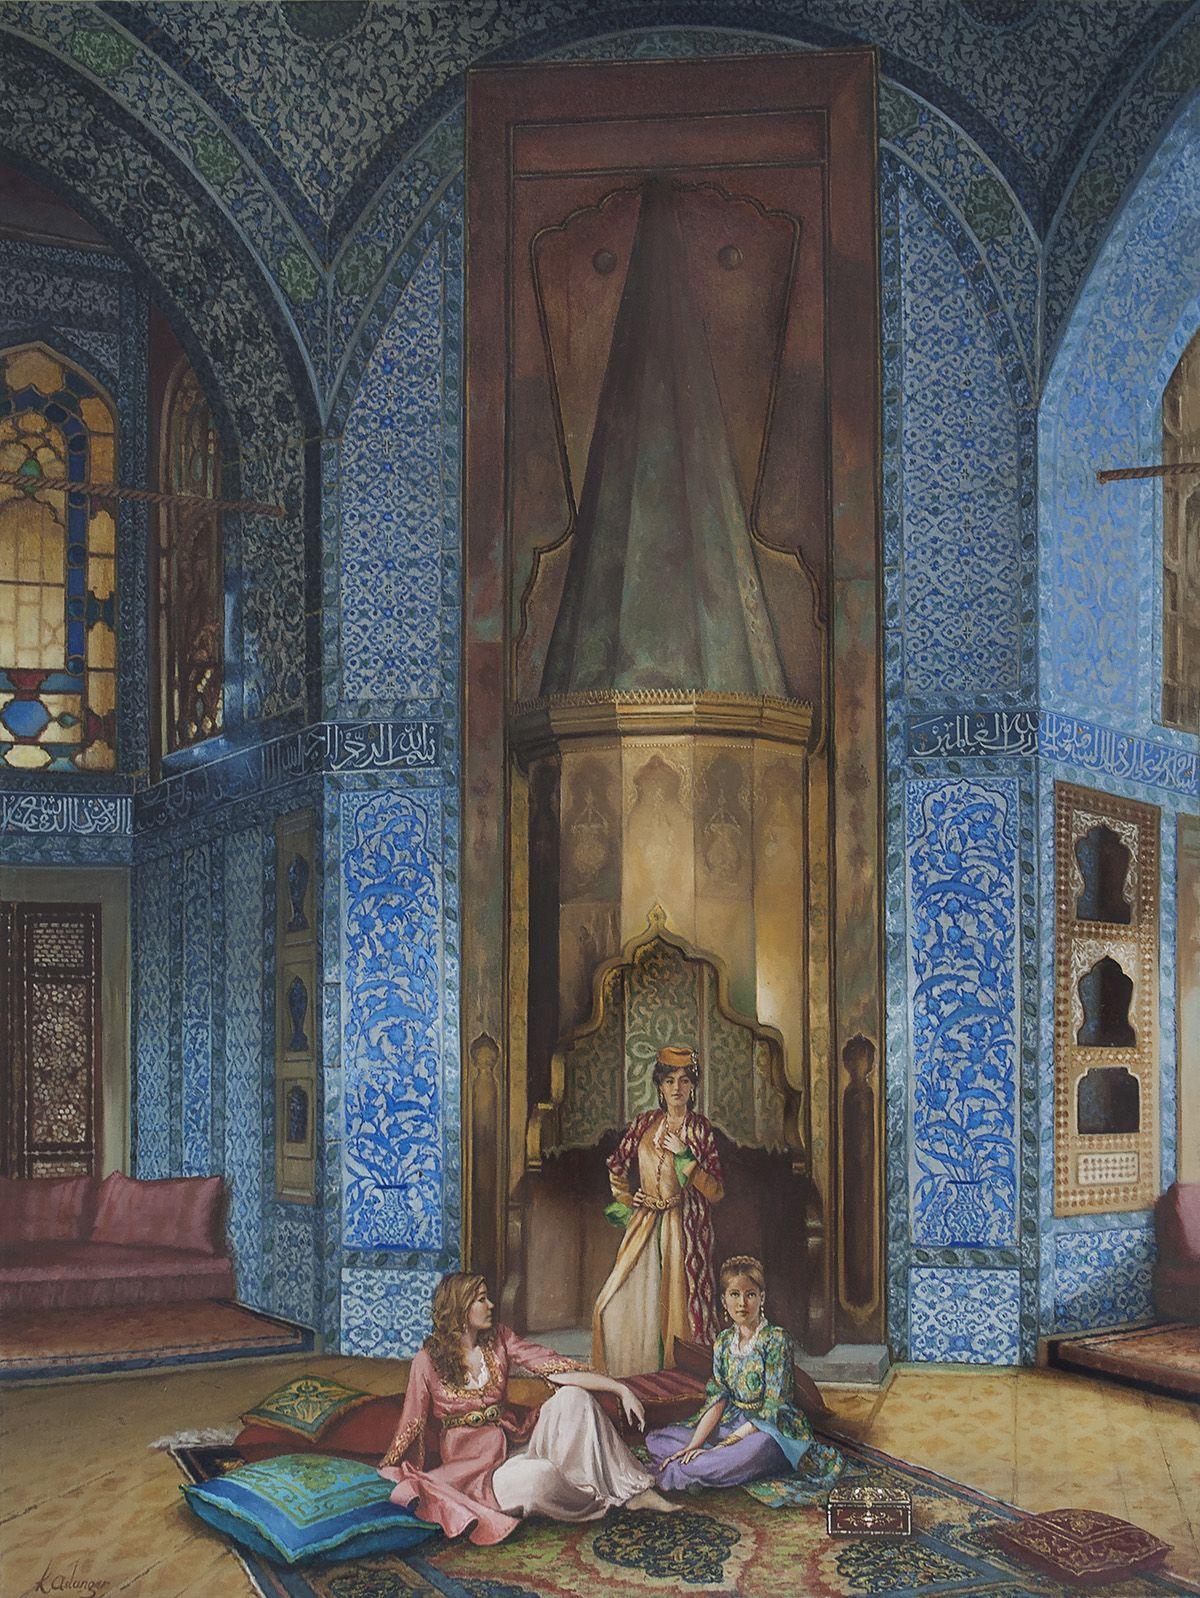 kamil aslanger house other pinterest orientalische bilder orientalisch und 1001 nacht. Black Bedroom Furniture Sets. Home Design Ideas